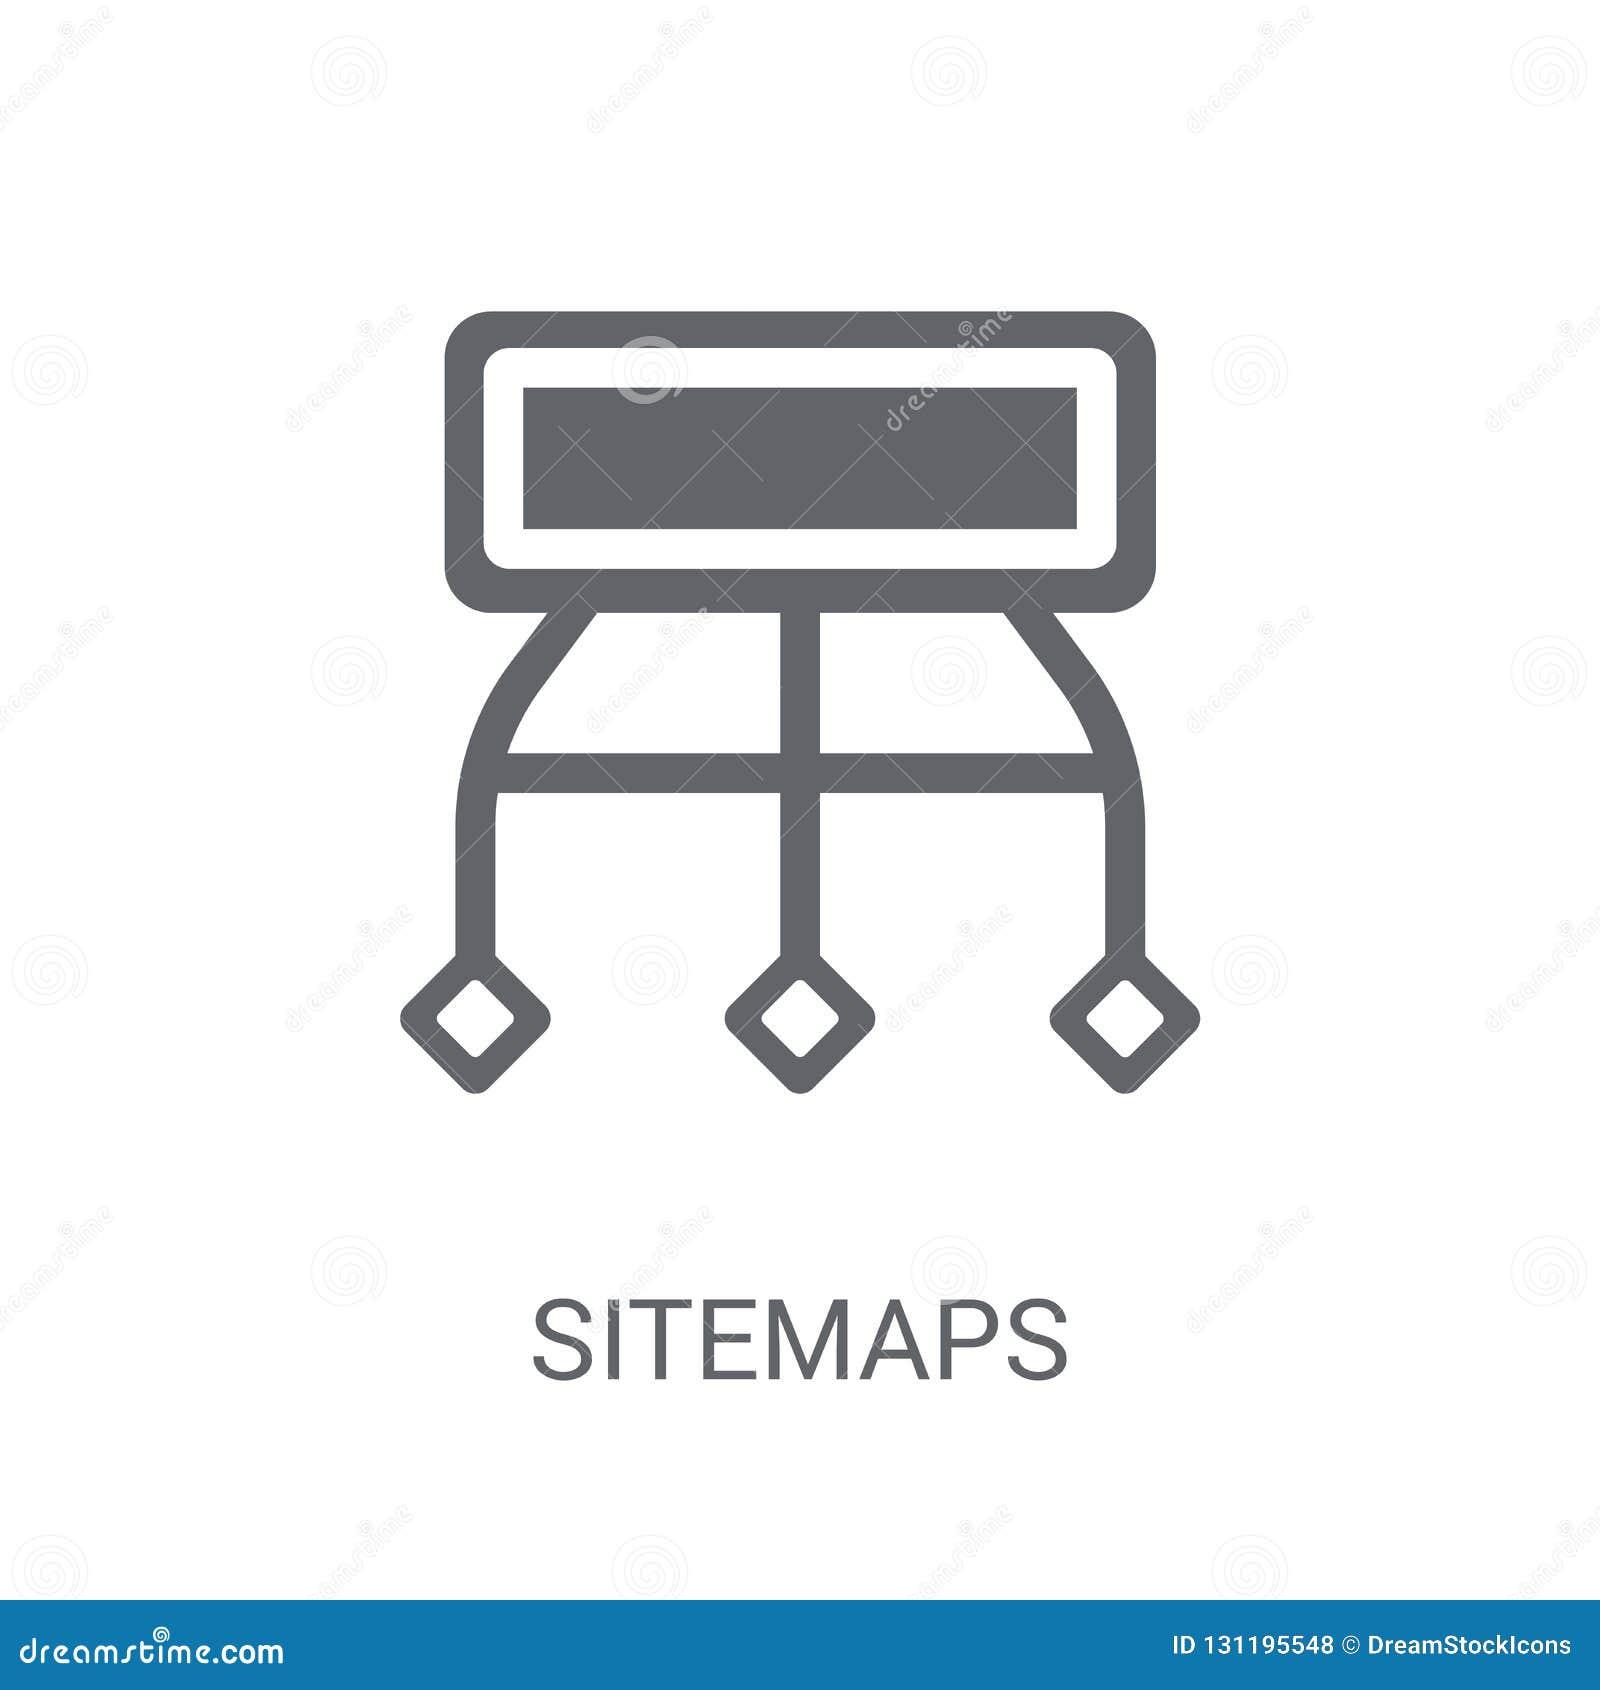 Sitemaps ikona